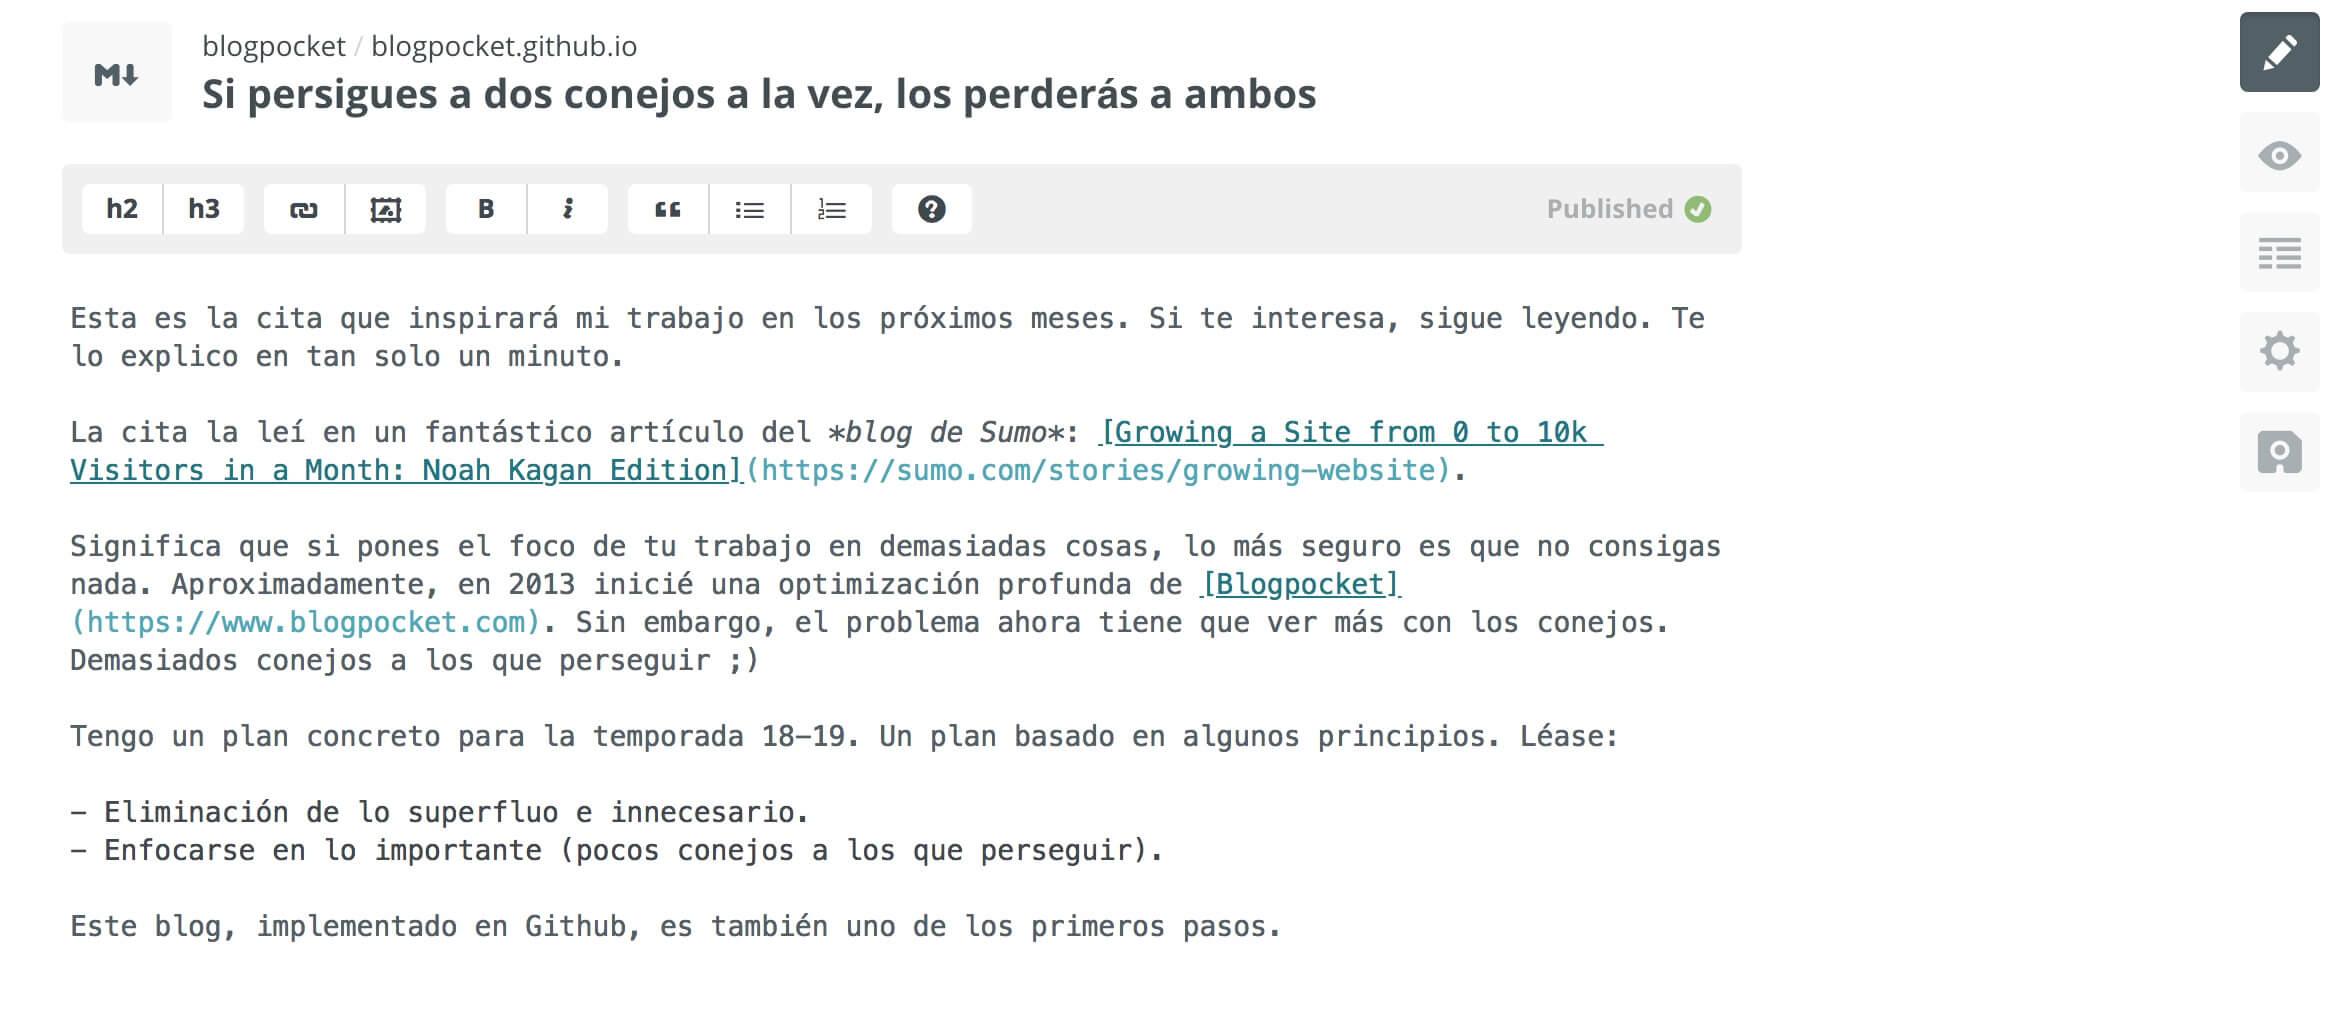 editor-prose-io Cómo tener un blog con GitHub y Jekyll, fácilmente y en dos minutos